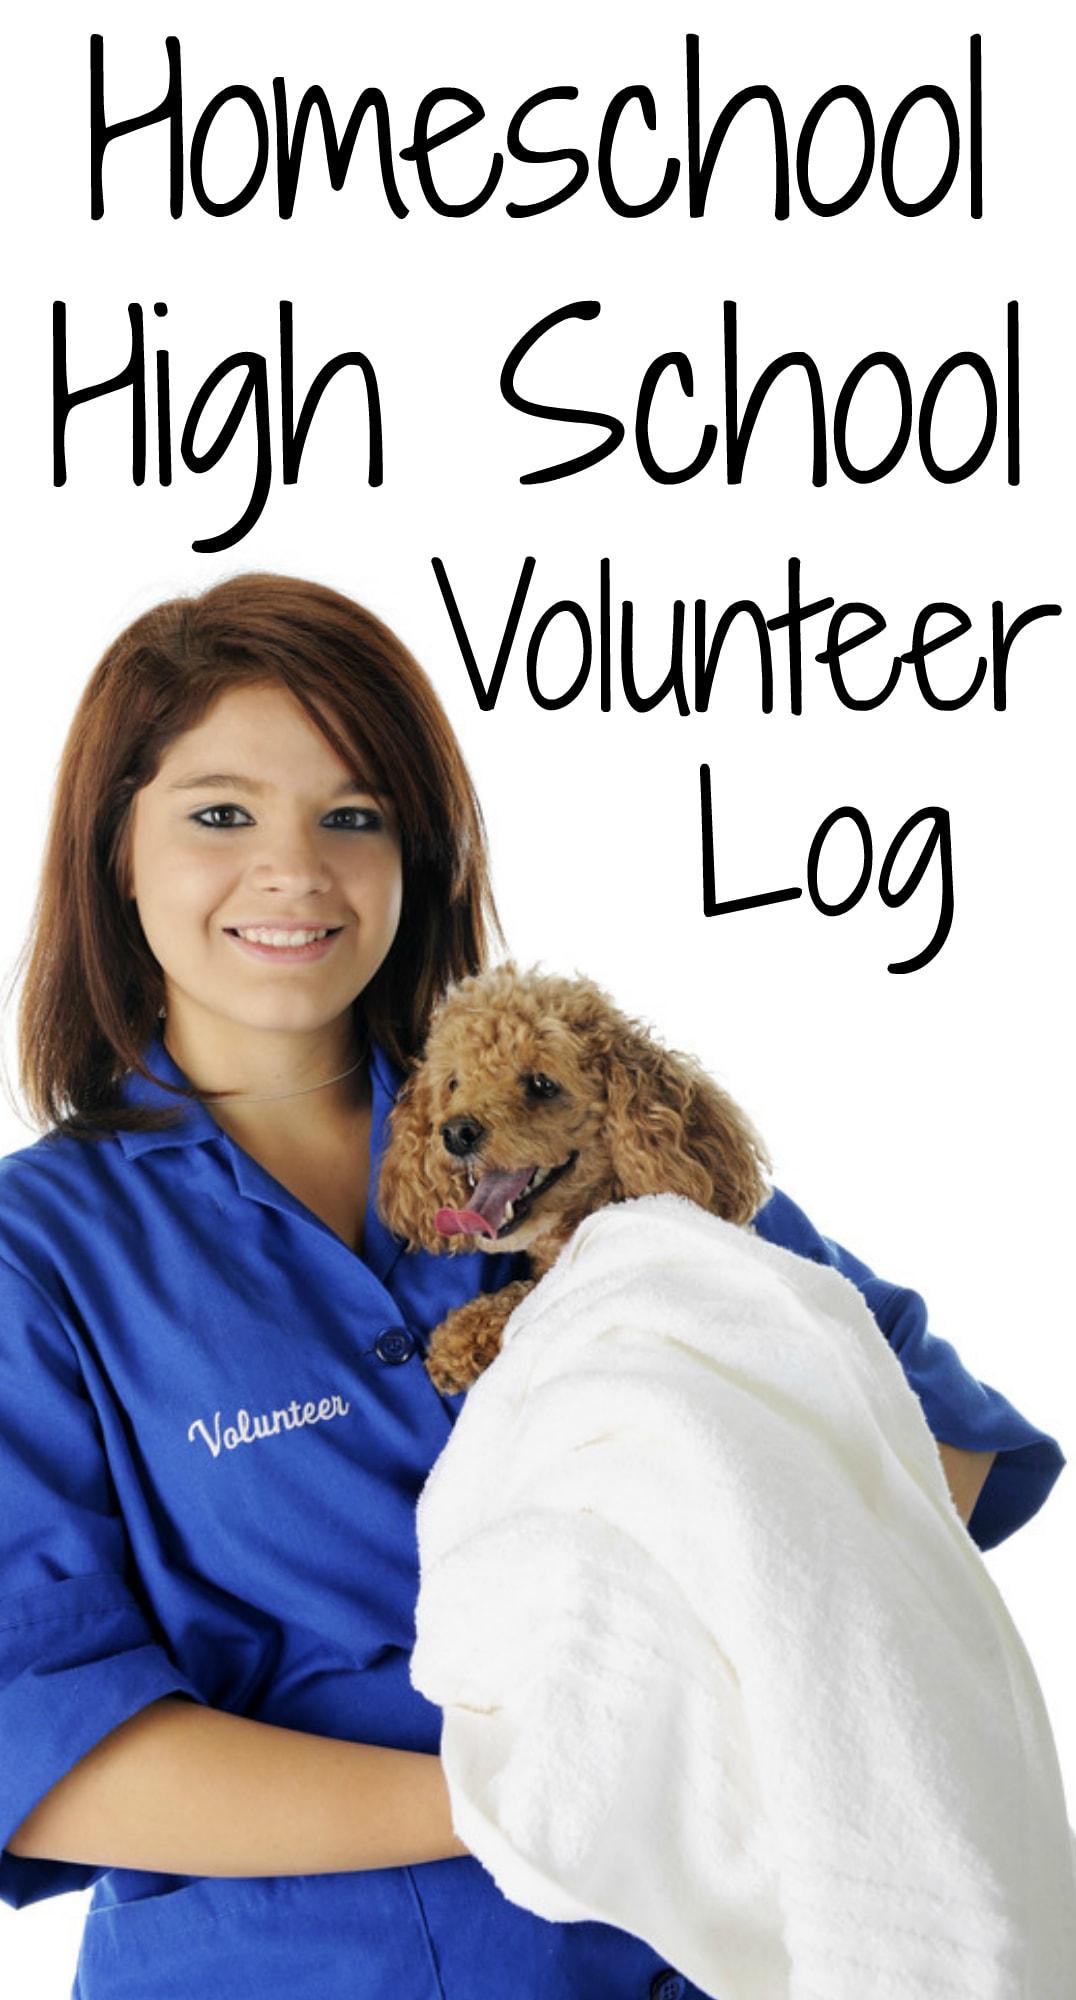 Homeschool High School Volunteer Log from Walking by the Way